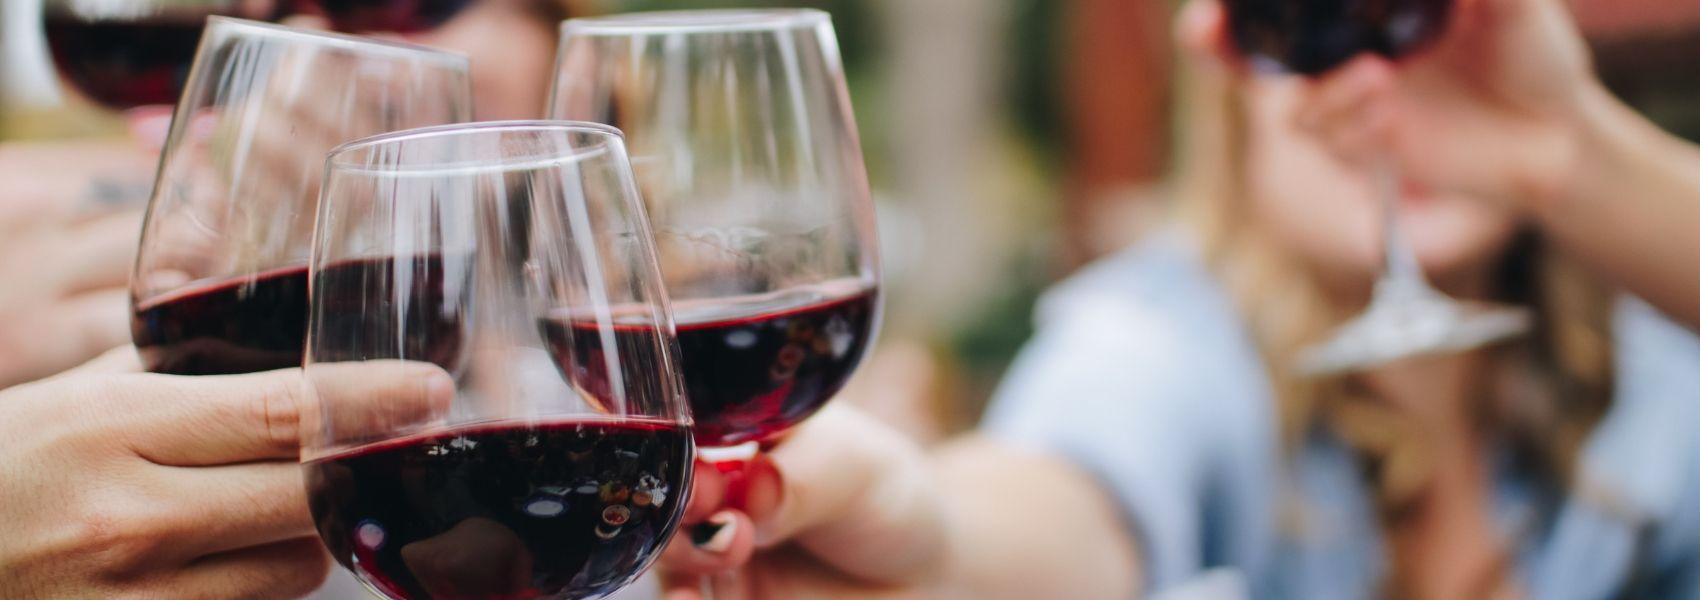 Pode o vinho tinto baixar a pressão arterial?